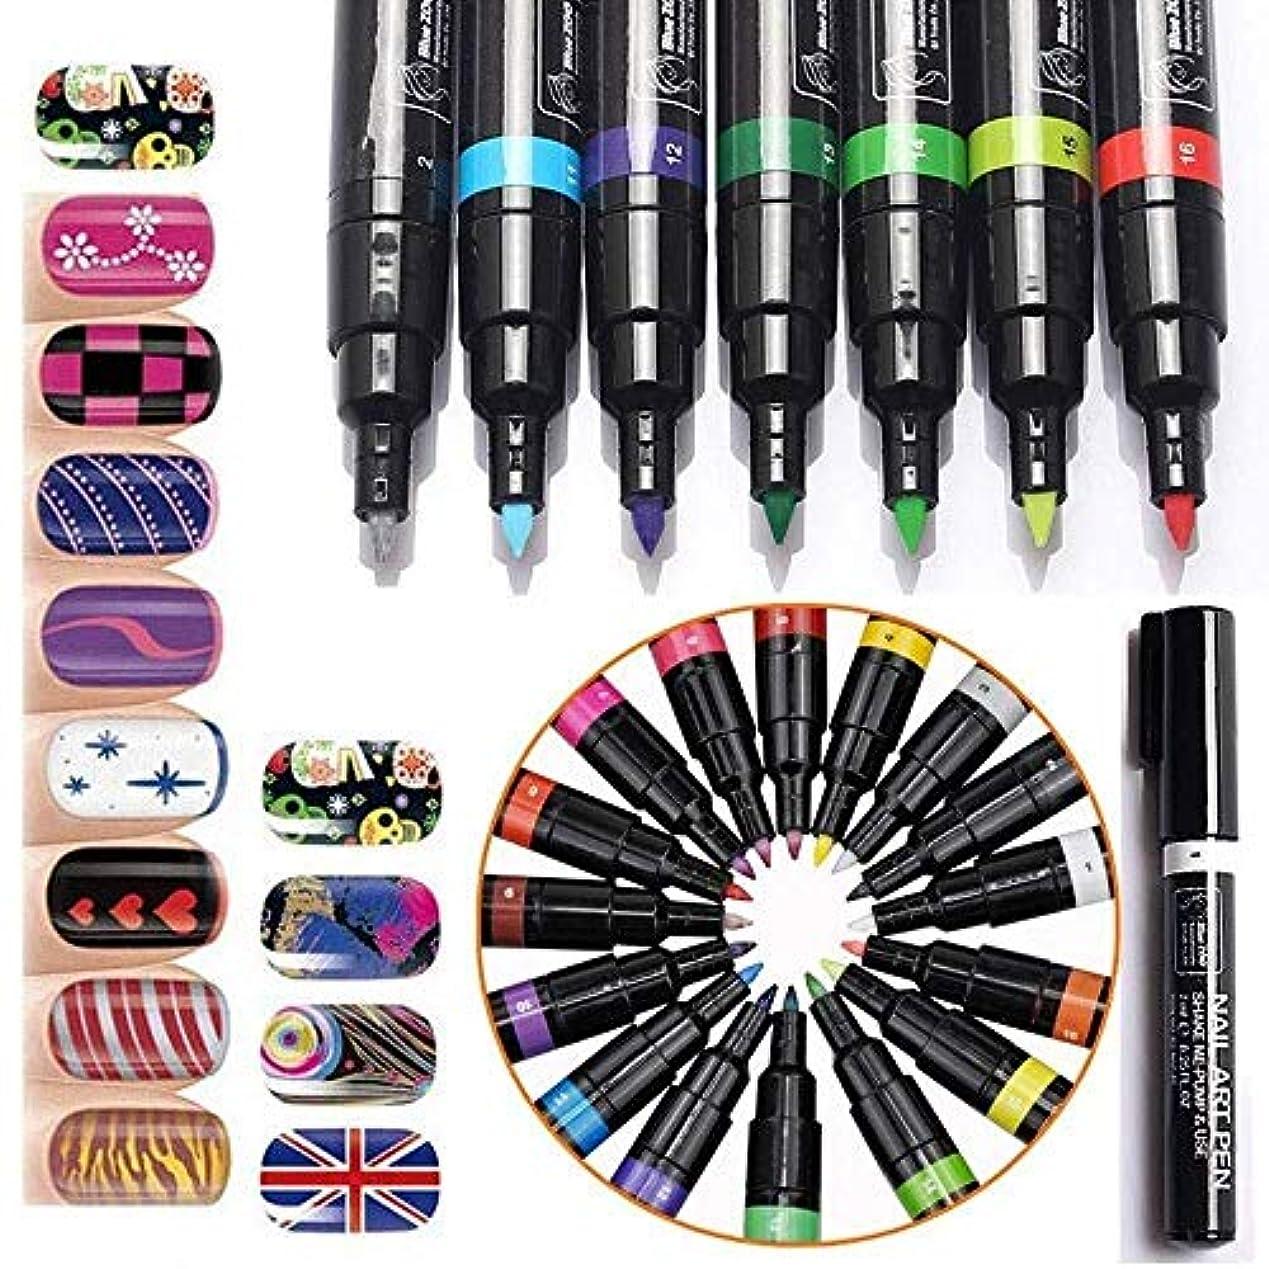 終了しましたフルーツ野菜矛盾カラー ネイルアートペン 3Dネイルペン ネイルアートペン ネイルマニキュア液 ペイントペン ペイント DIY 16色 装飾図面ドットポリッシュペン セット